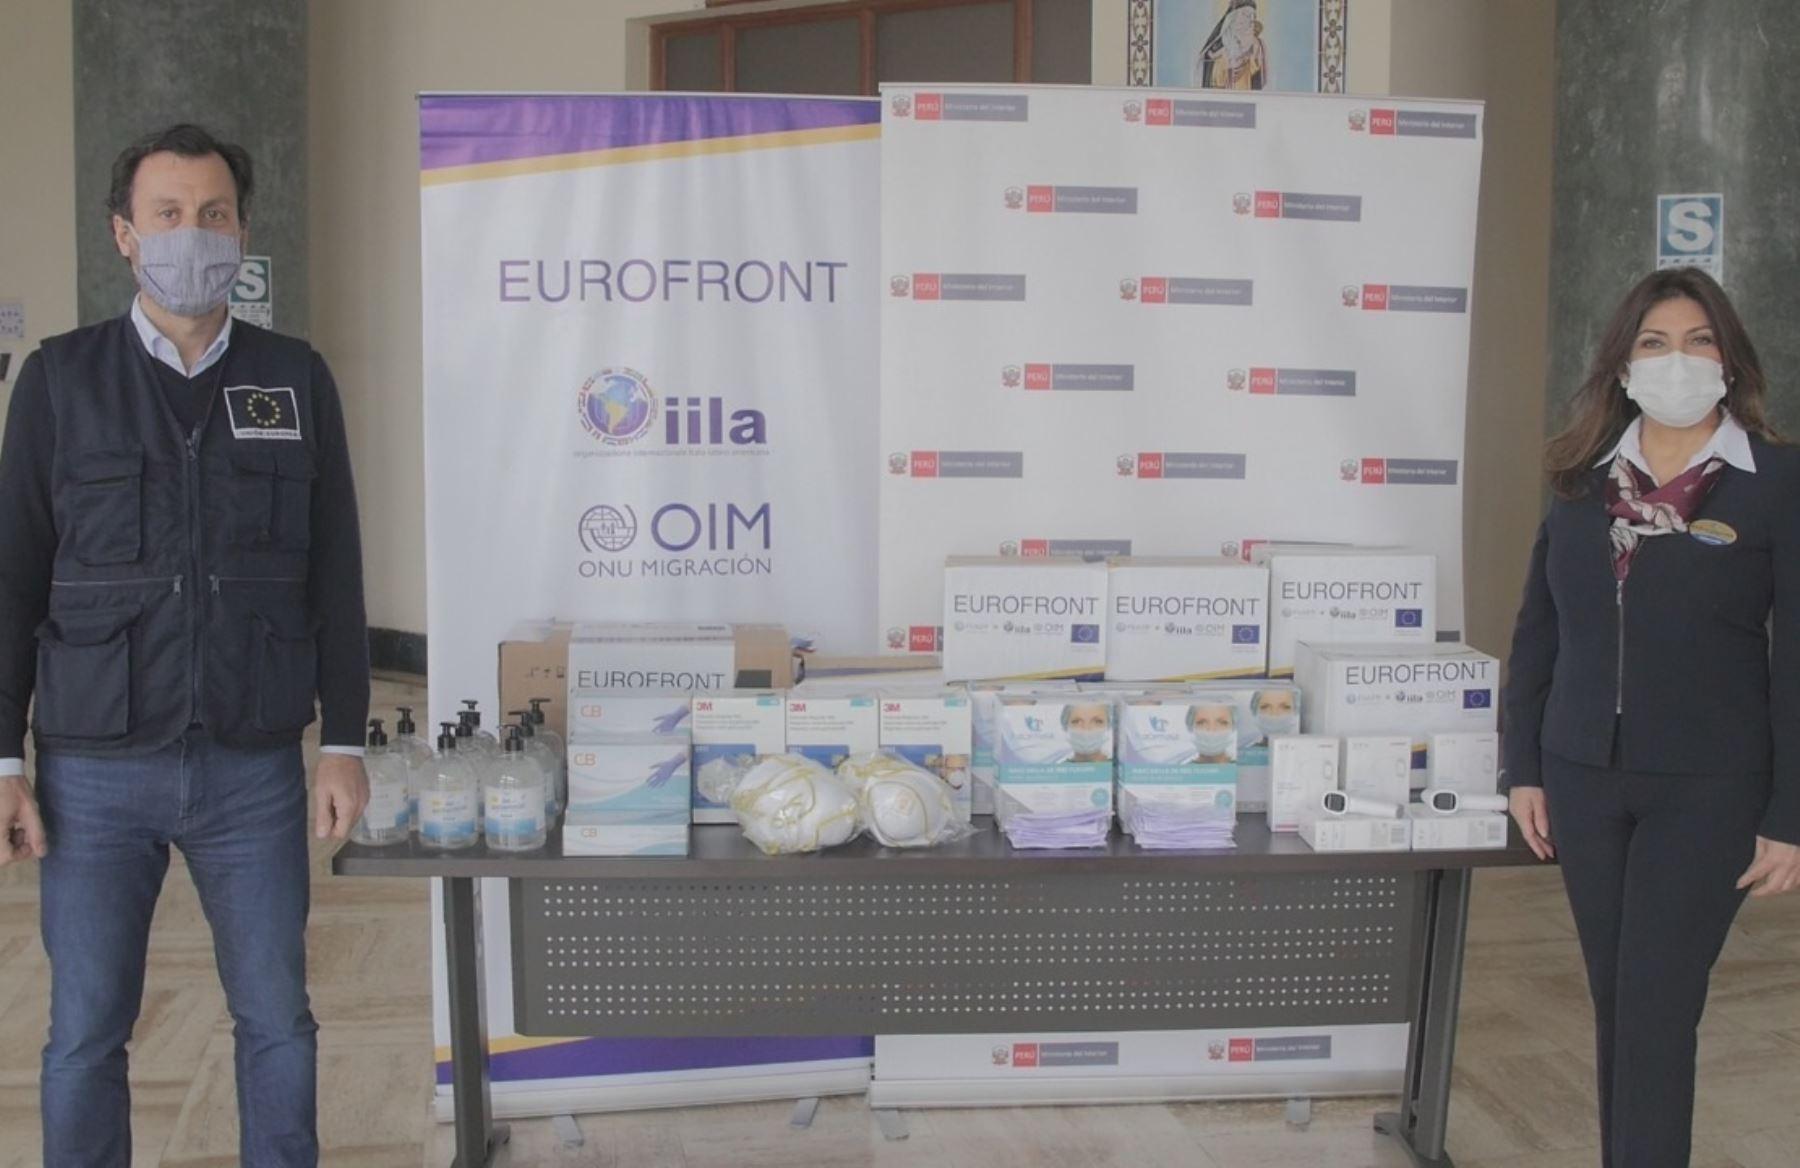 Unión Europea y la Organización Internacional para las Migraciones donaron equipos de protección frente al coronavirus al puesto de control fronterizo de Puno. ANDINA/Difusión